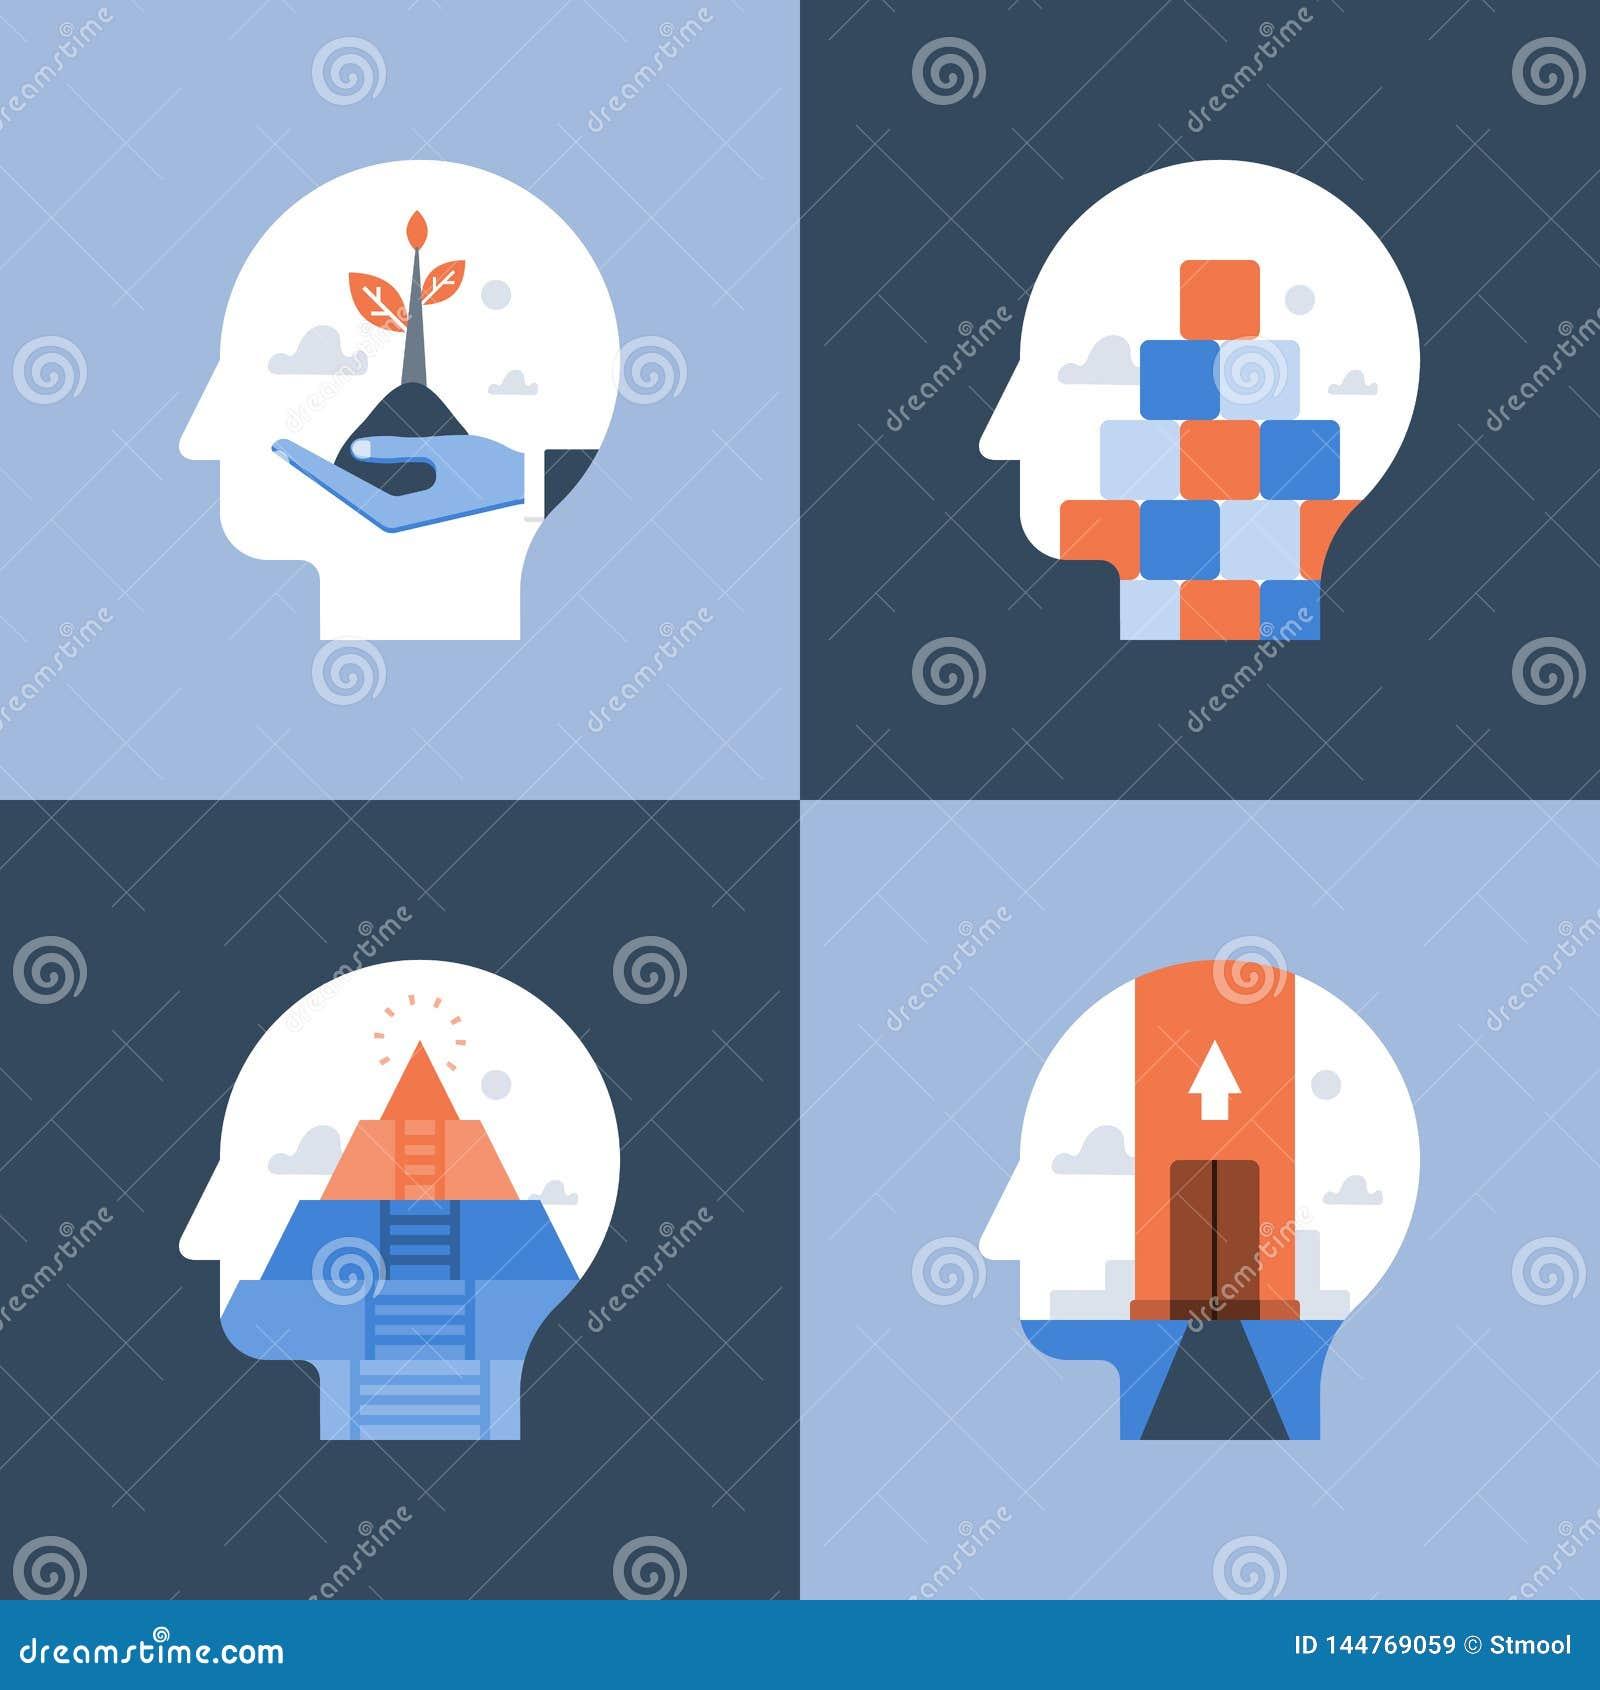 Potentiële ontwikkeling, de groeidenkrichting, het kritieke of positieve denken, psychologie of psychiatrie